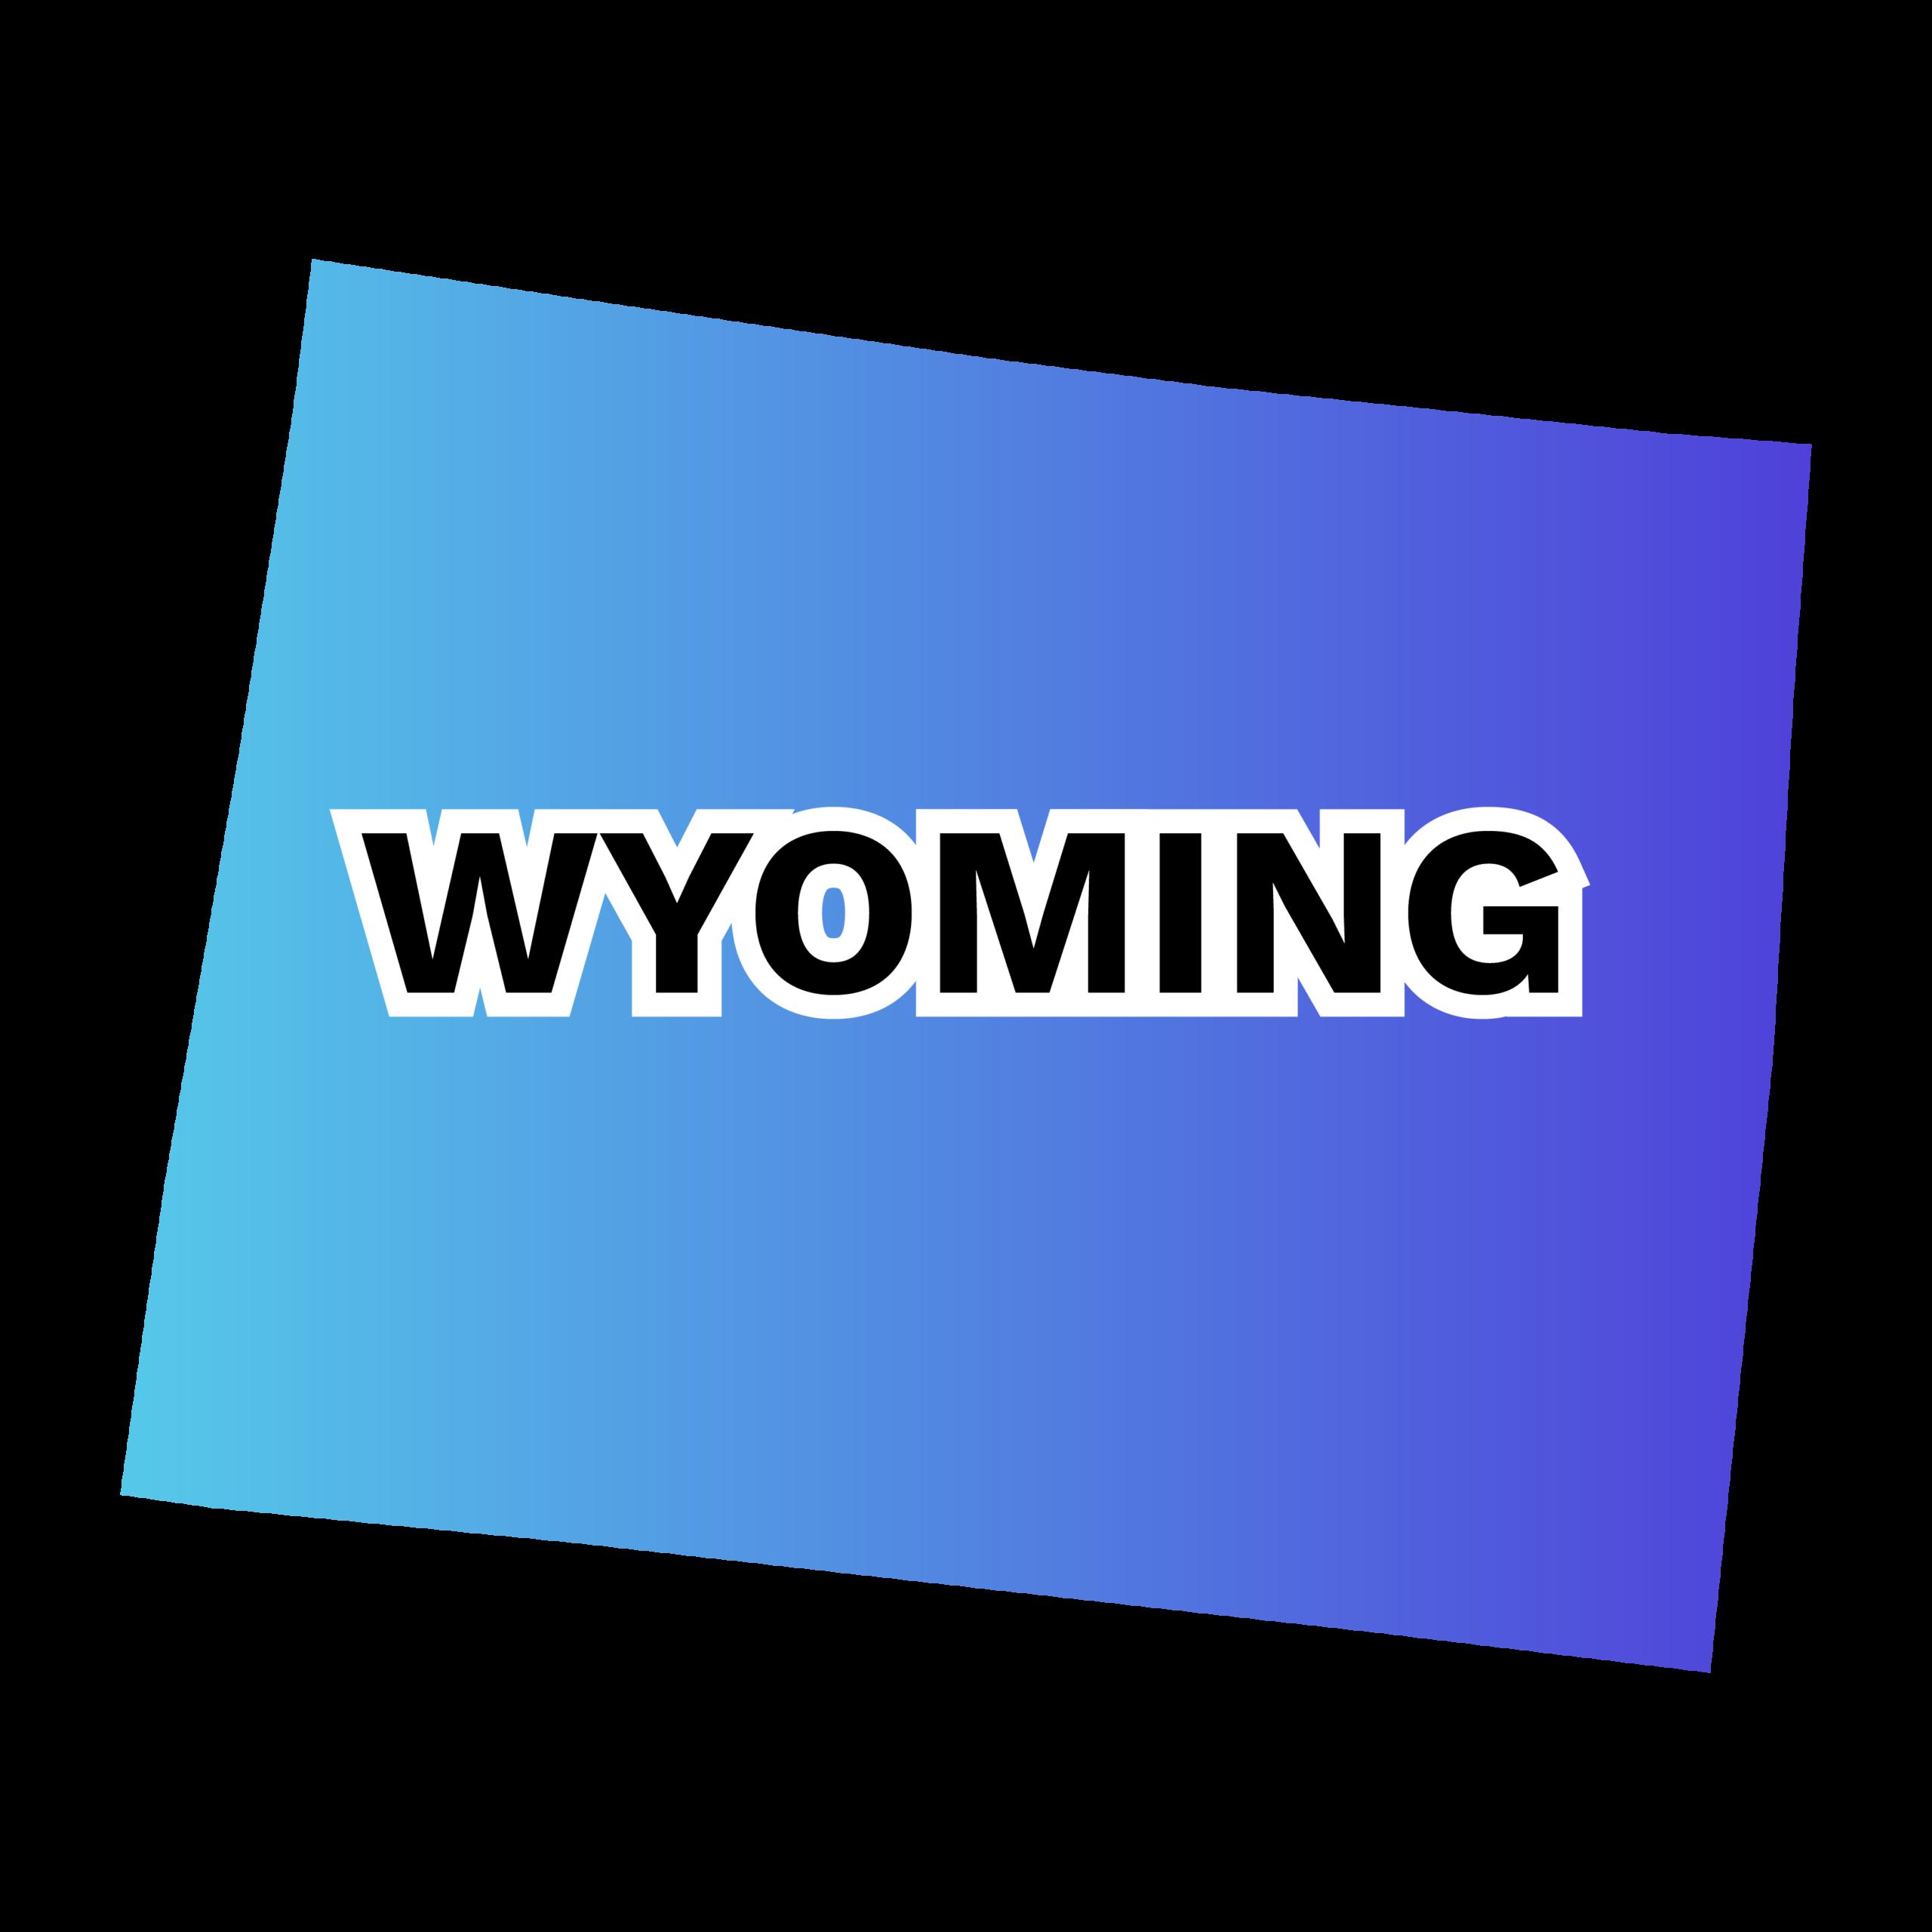 Wyoming State Image